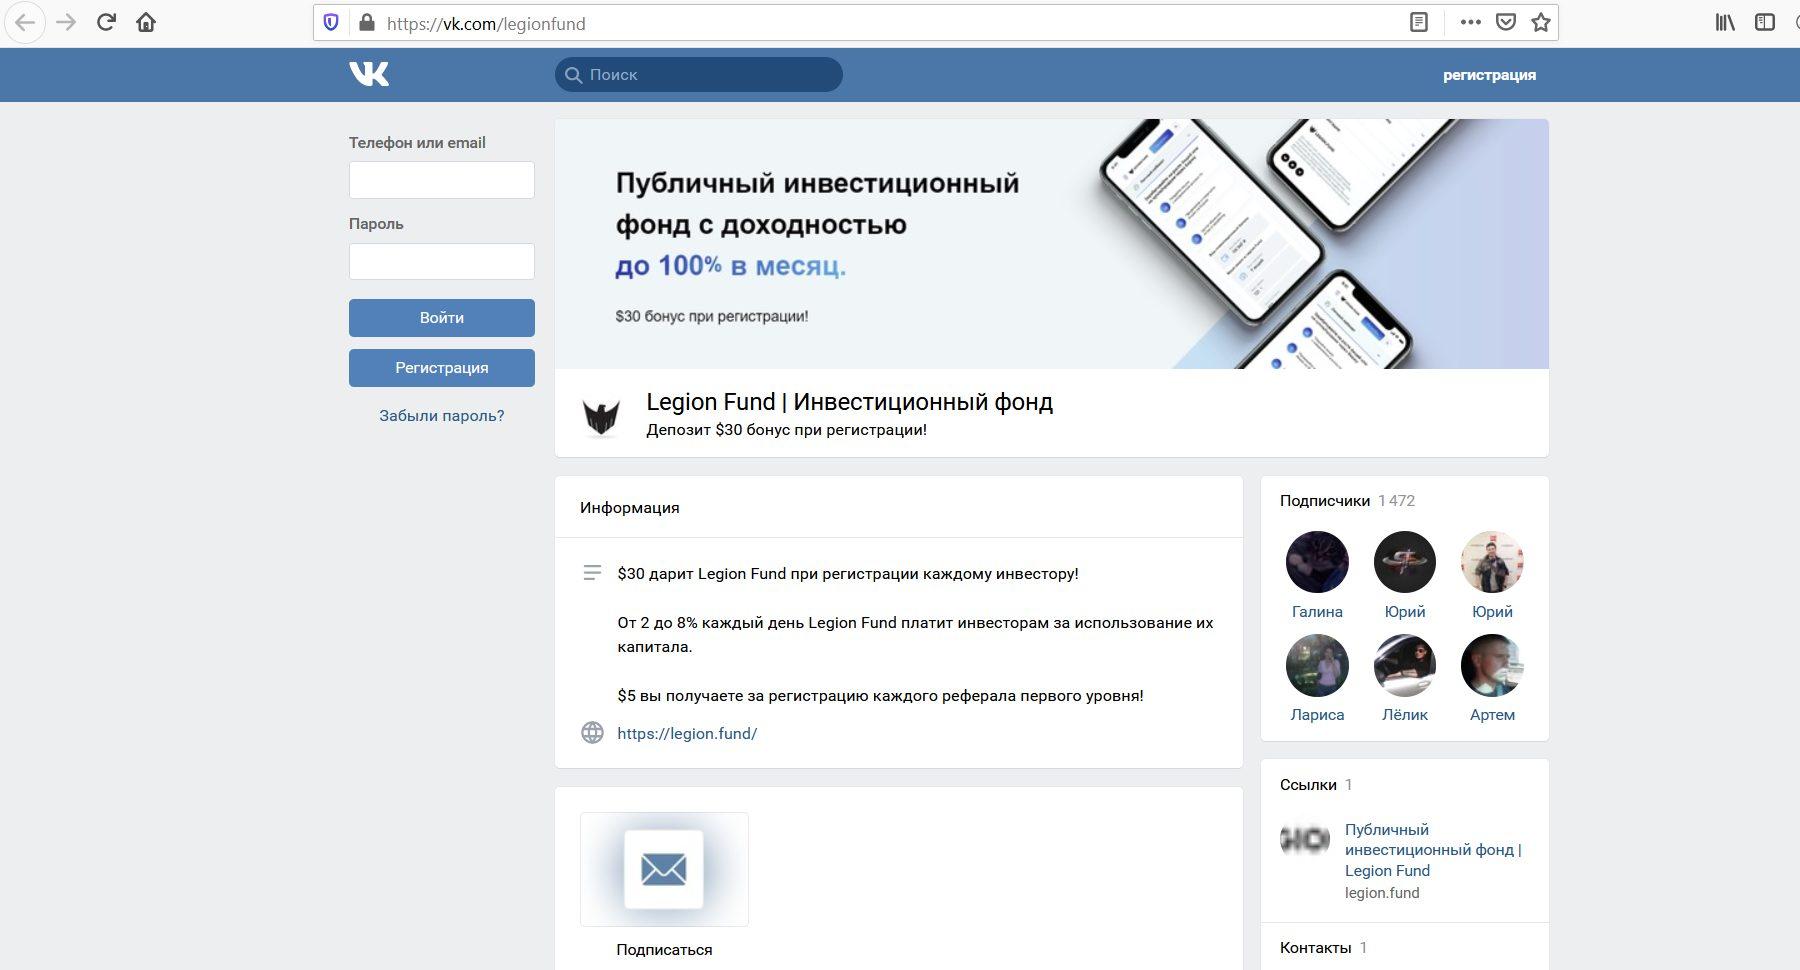 Информация о компании Legion Fund в группе «ВКонтакте»